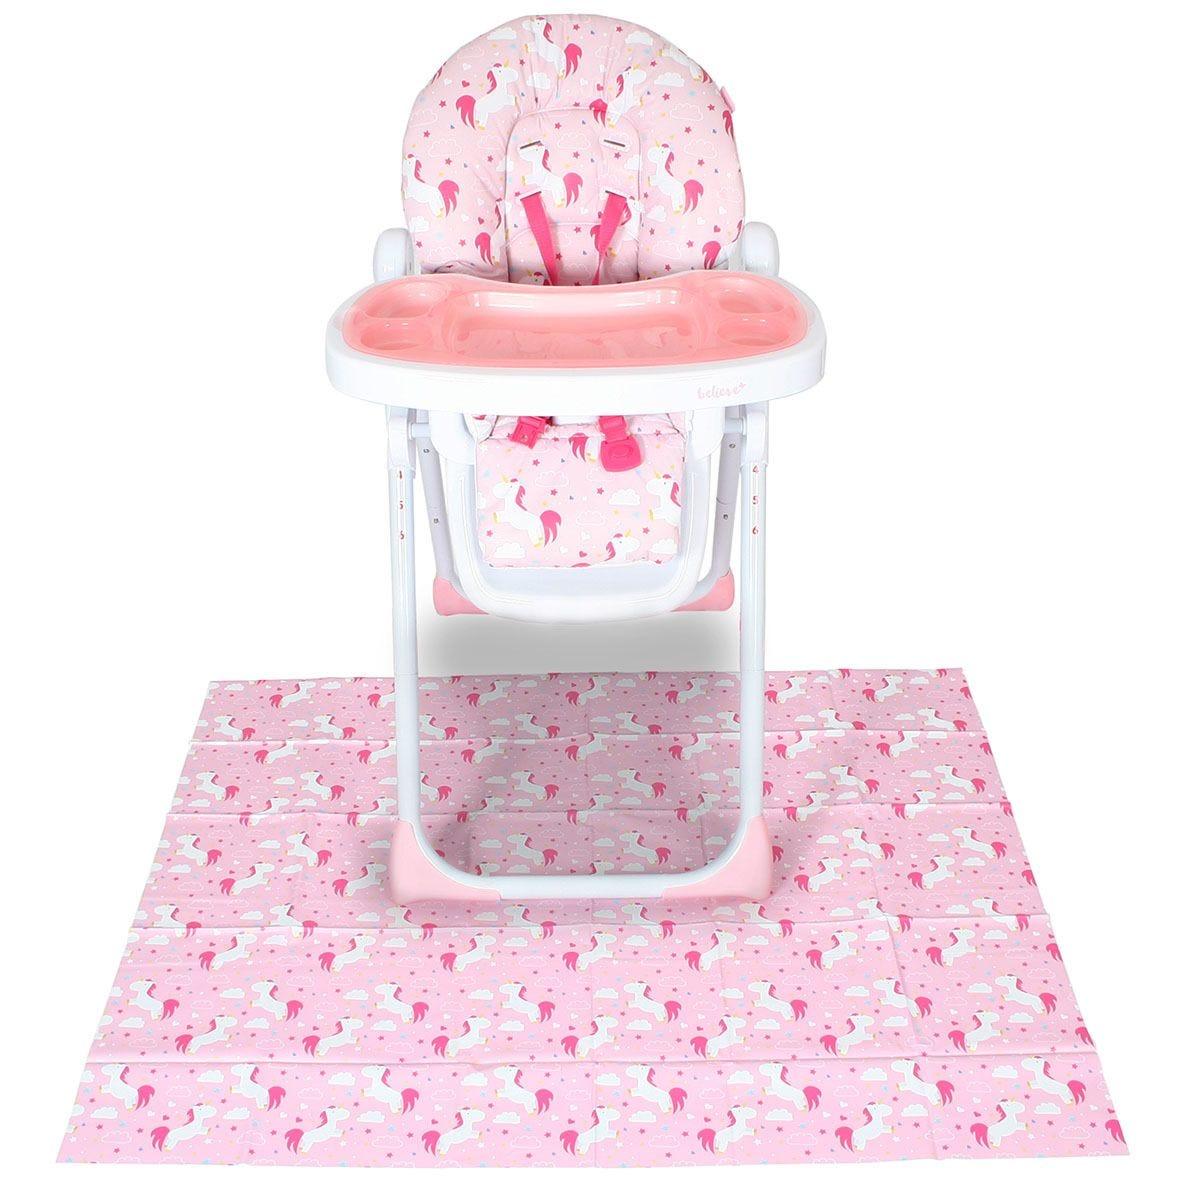 My Babiie Highchair Splash Mat - Pink Unicorns